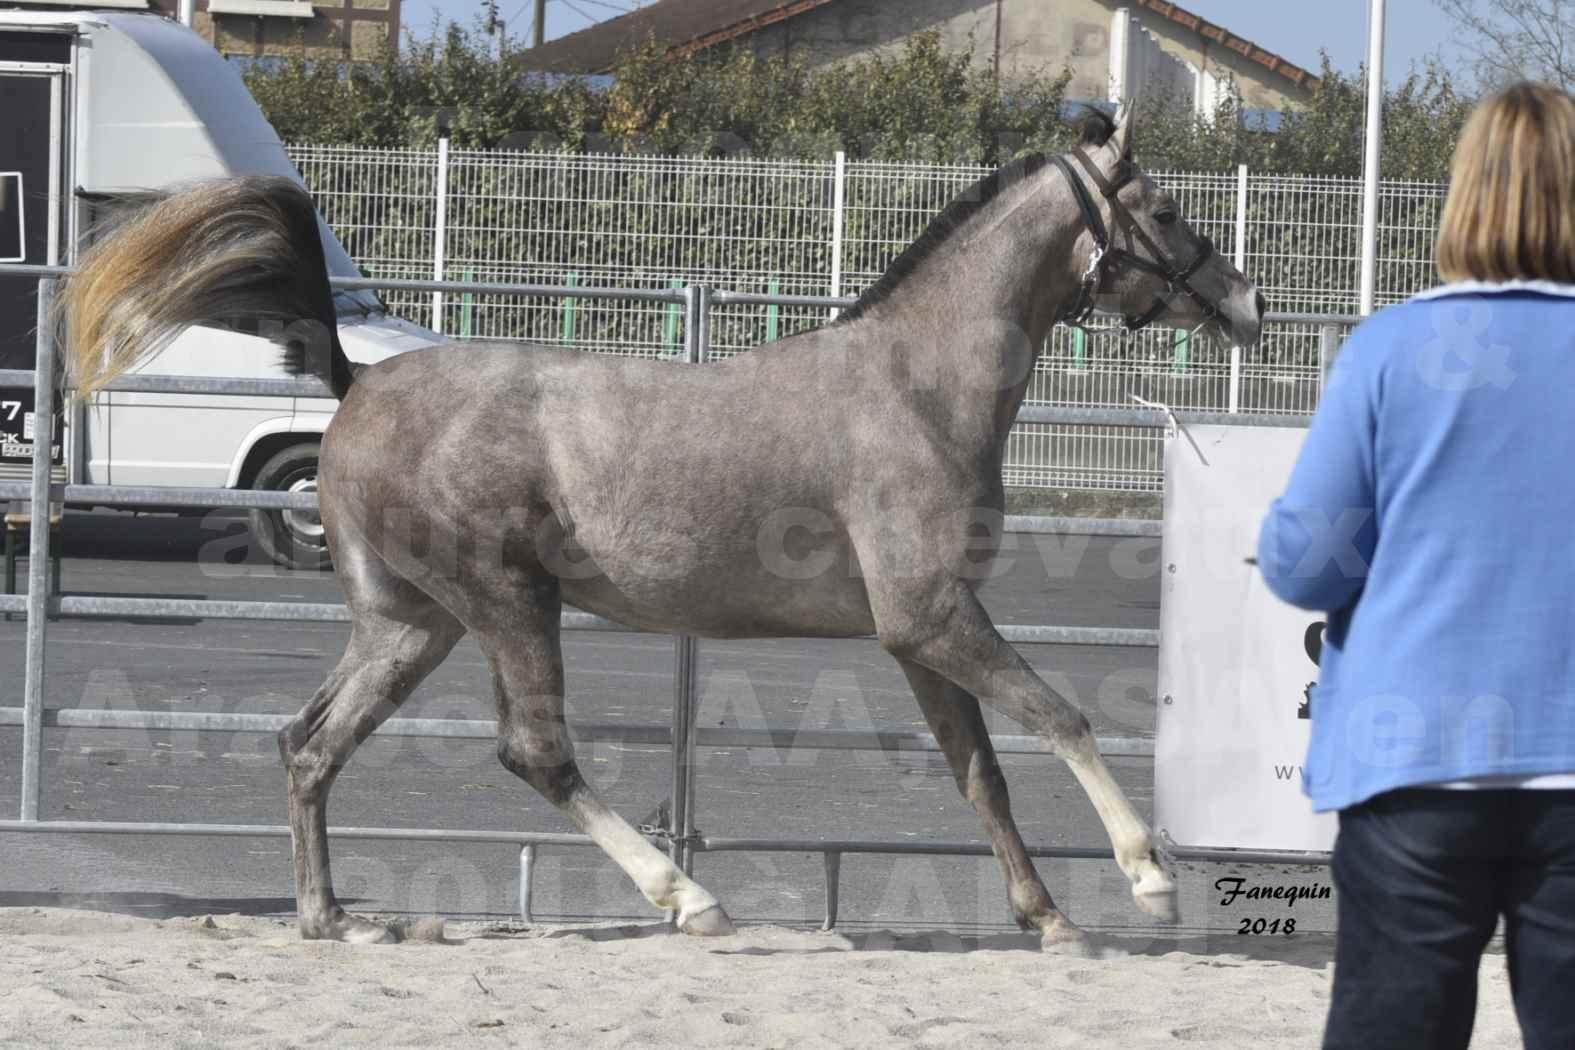 Concours d'élevage de Chevaux Arabes - D. S. A. - A. A. - ALBI les 6 & 7 Avril 2018 - GRIMM DE DARRA - Notre Sélection - 2